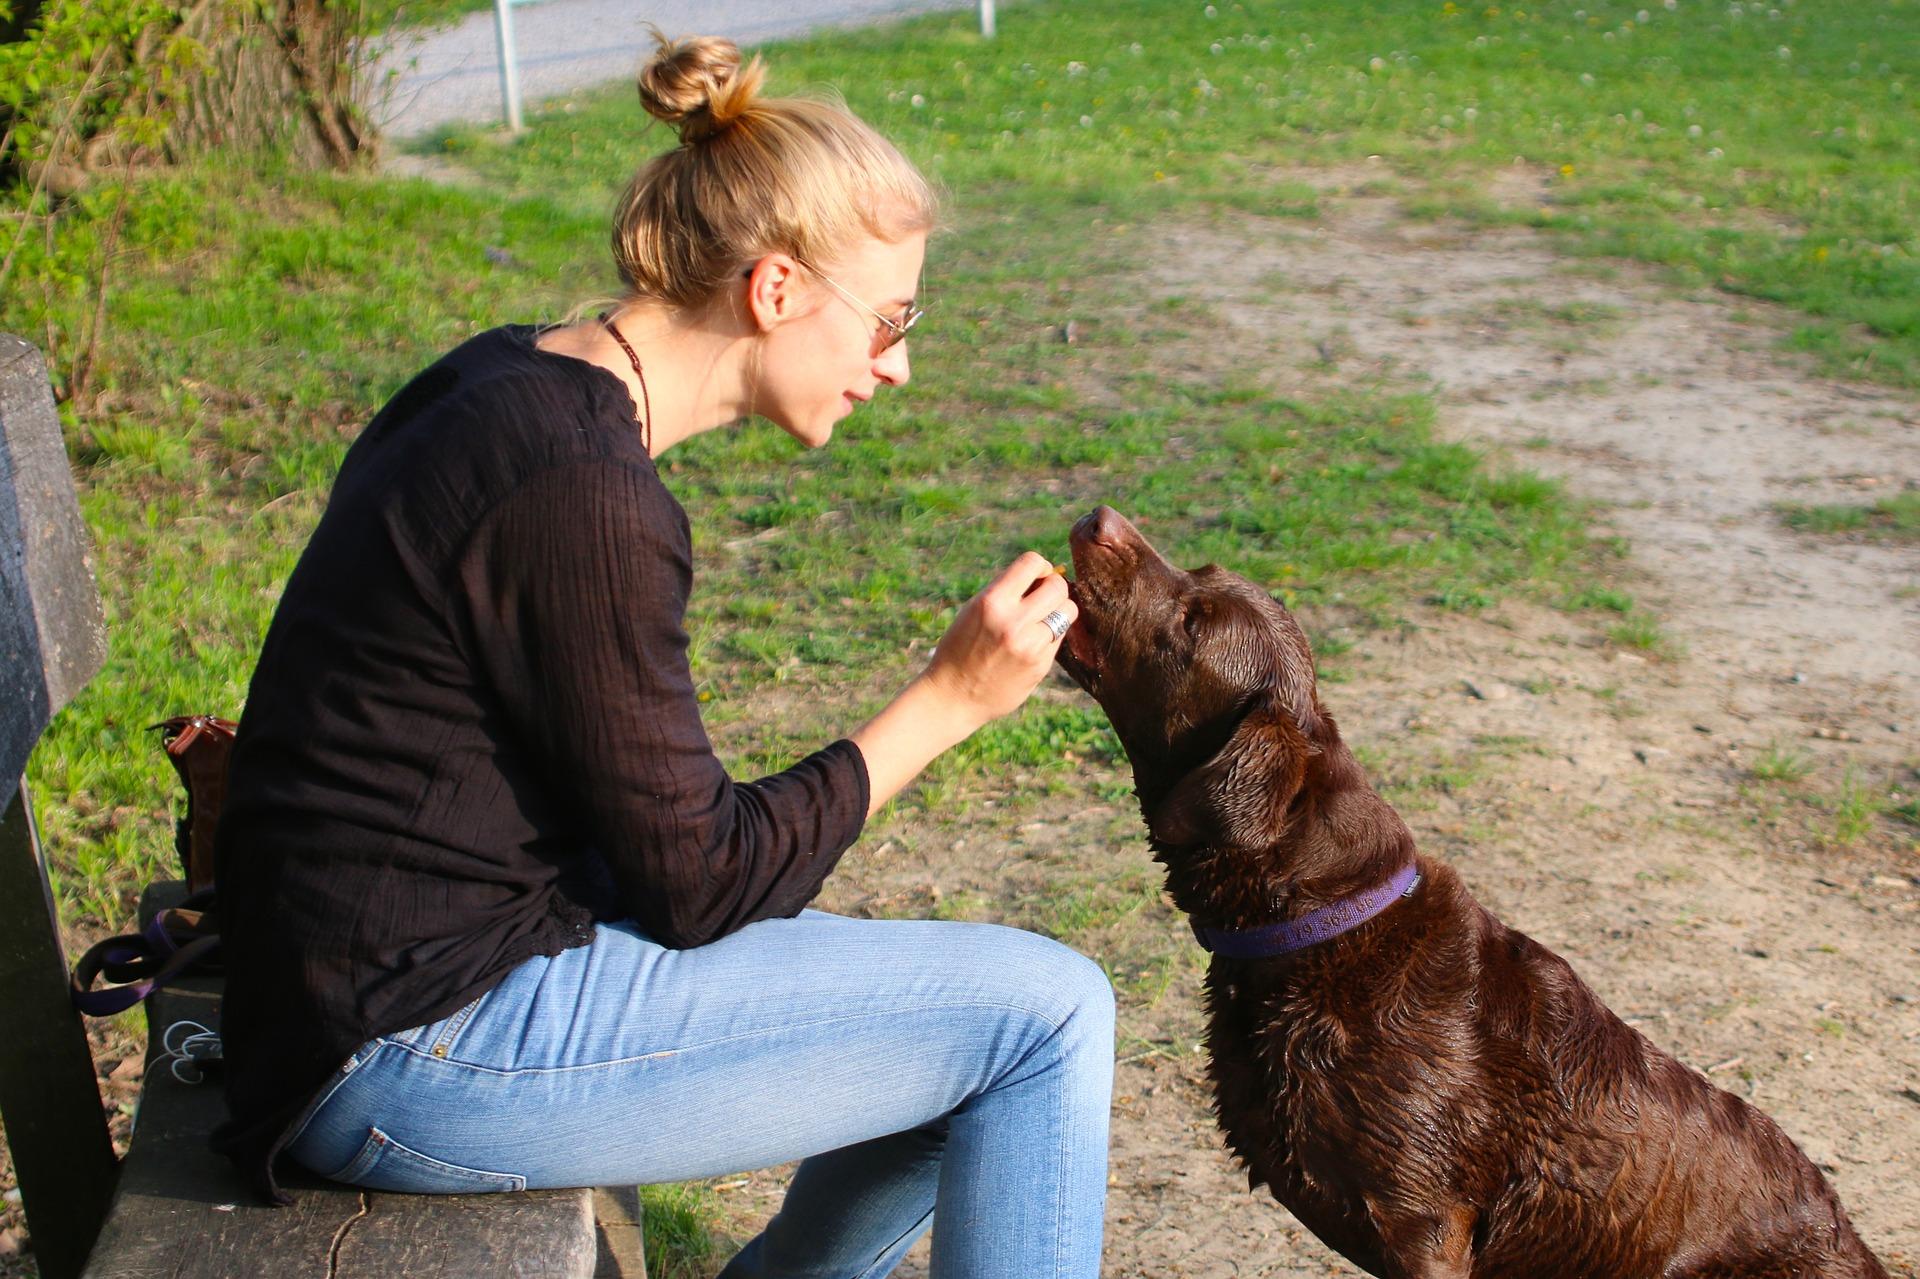 Hodowcy i trenerzy podkreślają, że w wychowywaniu psów podstawą jest pozytywne motywowanie i nagradzanie pupila. Użycie kantara jest formą kary i nie powinno w żadnym przypadku stać się jedną z głównych metod tresury.